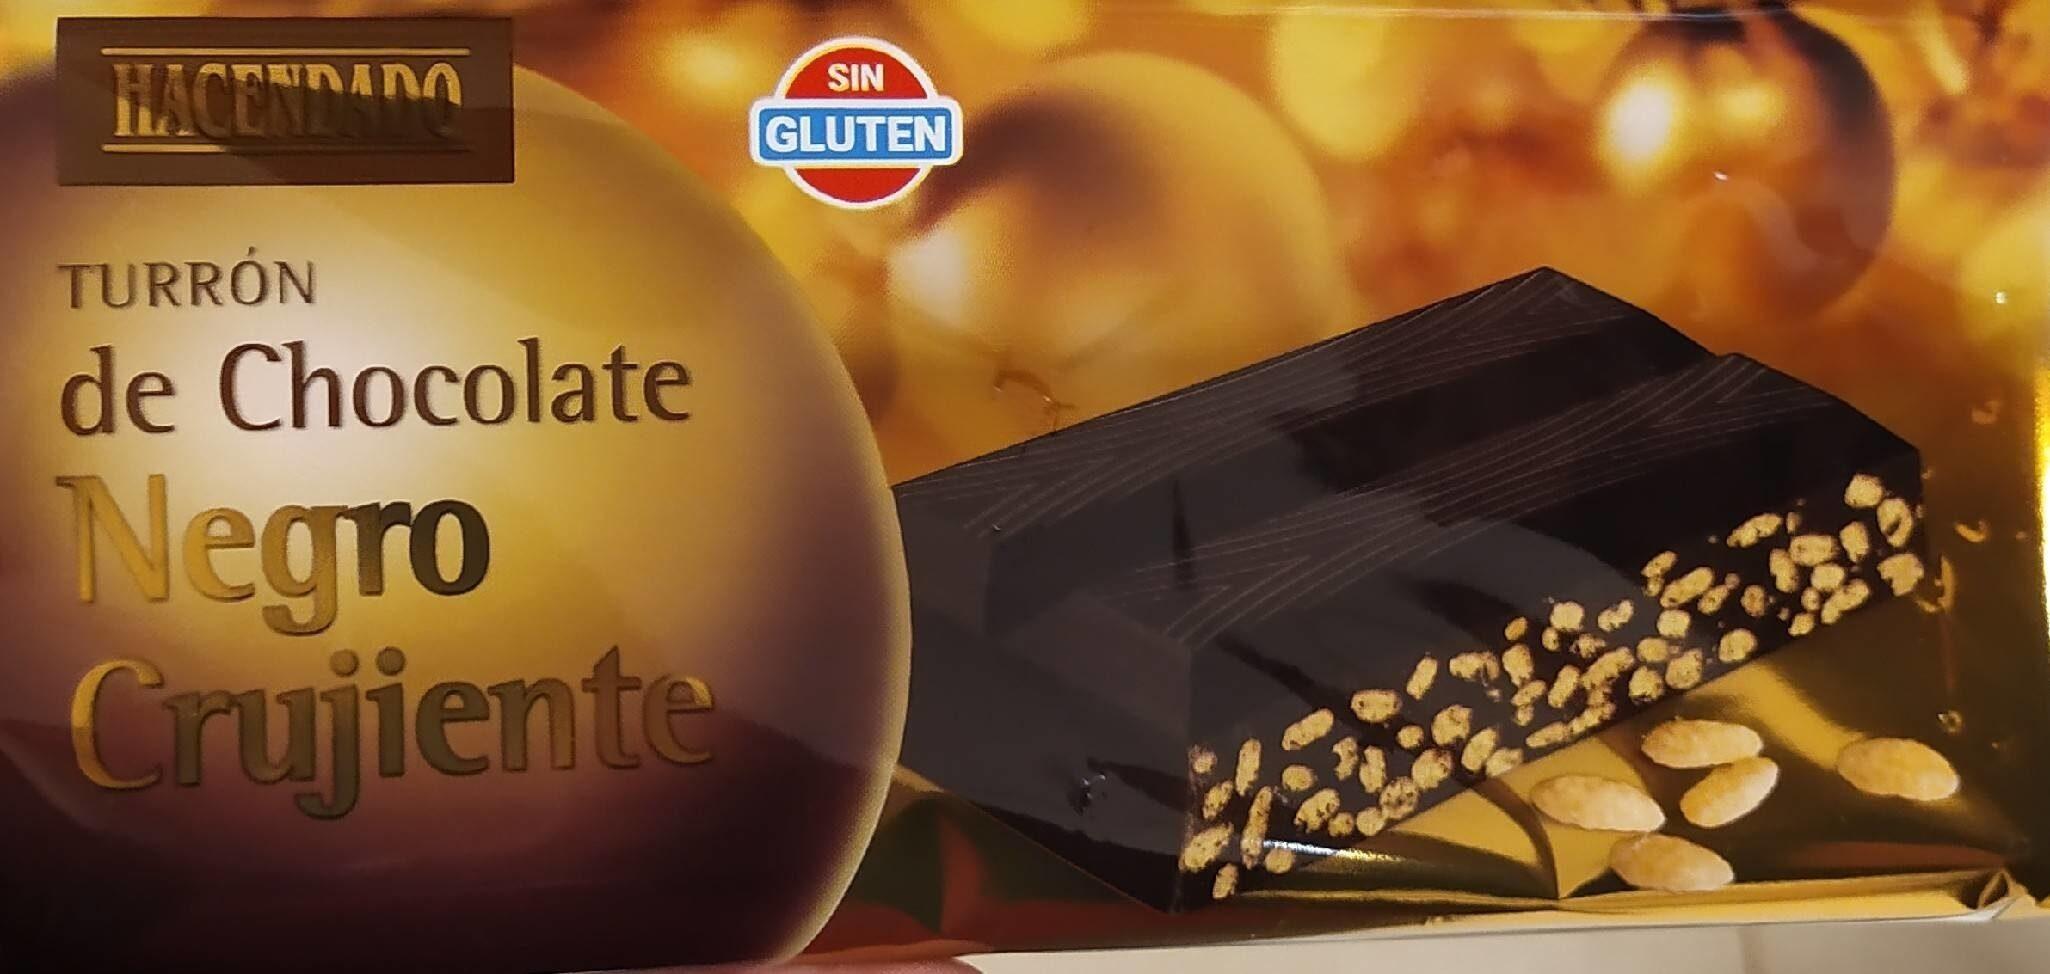 Turrón de chocolate negro crujiente - Product